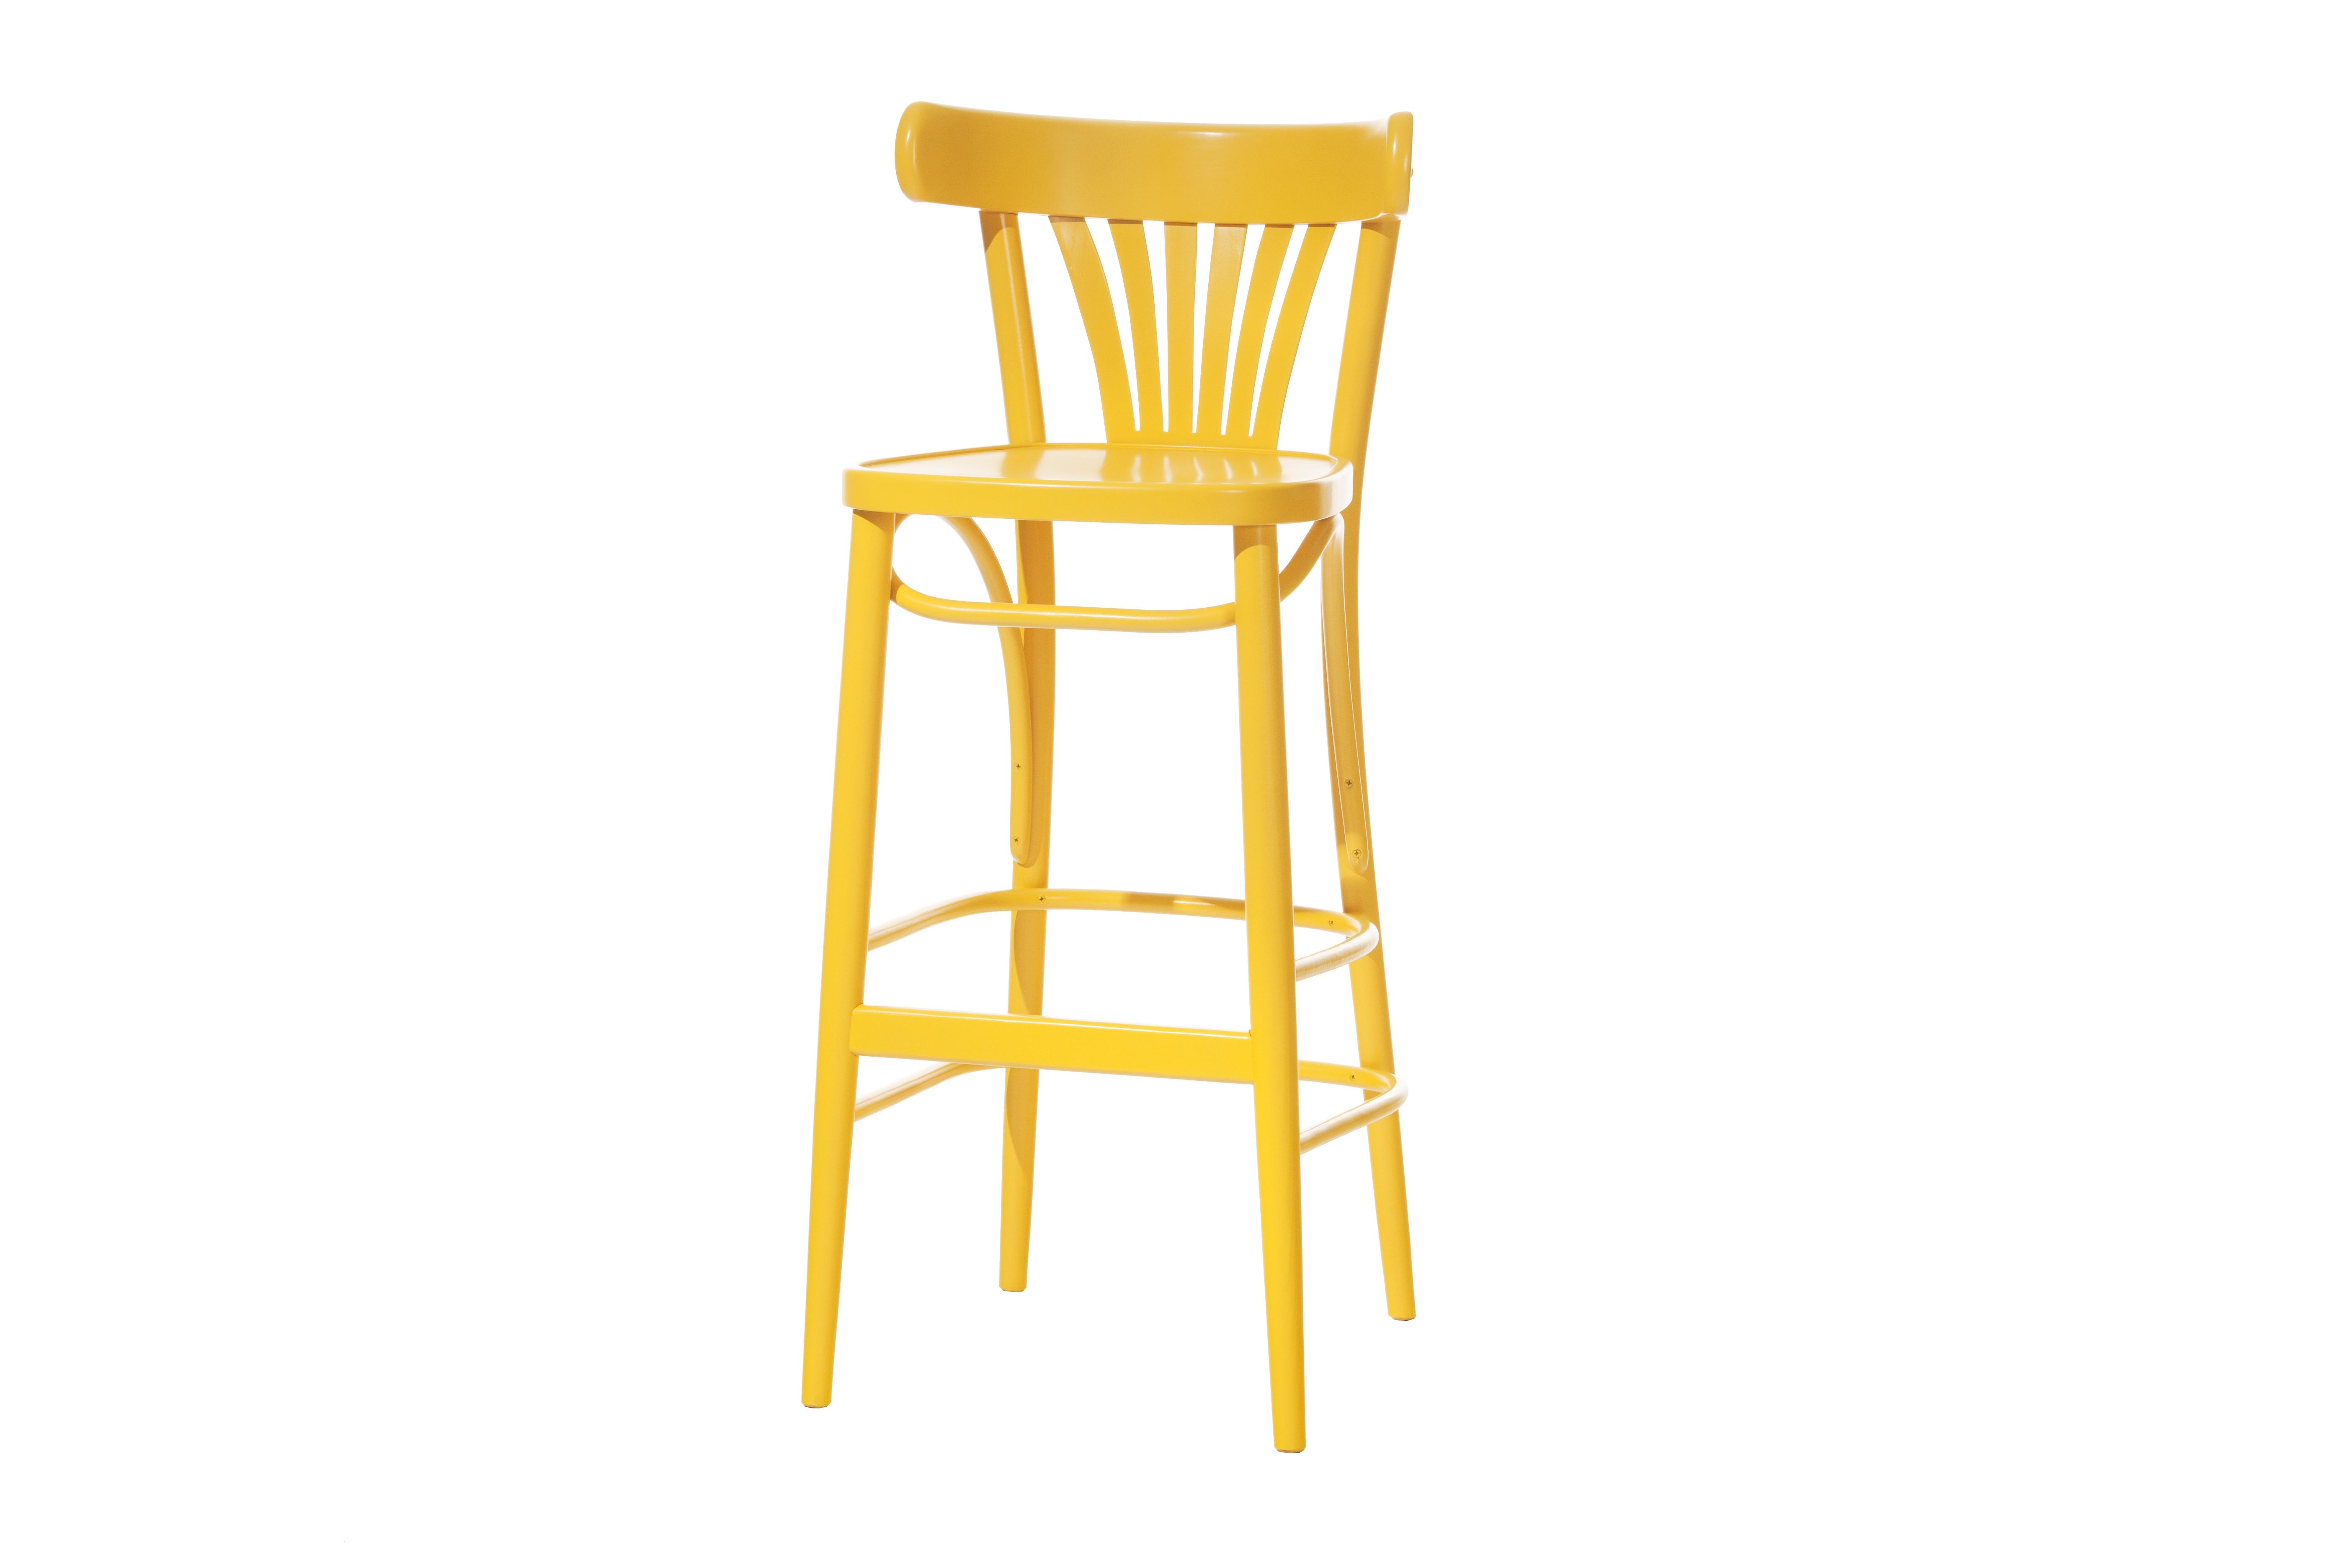 Scaun de bar din lemn de fag 56 Yellow